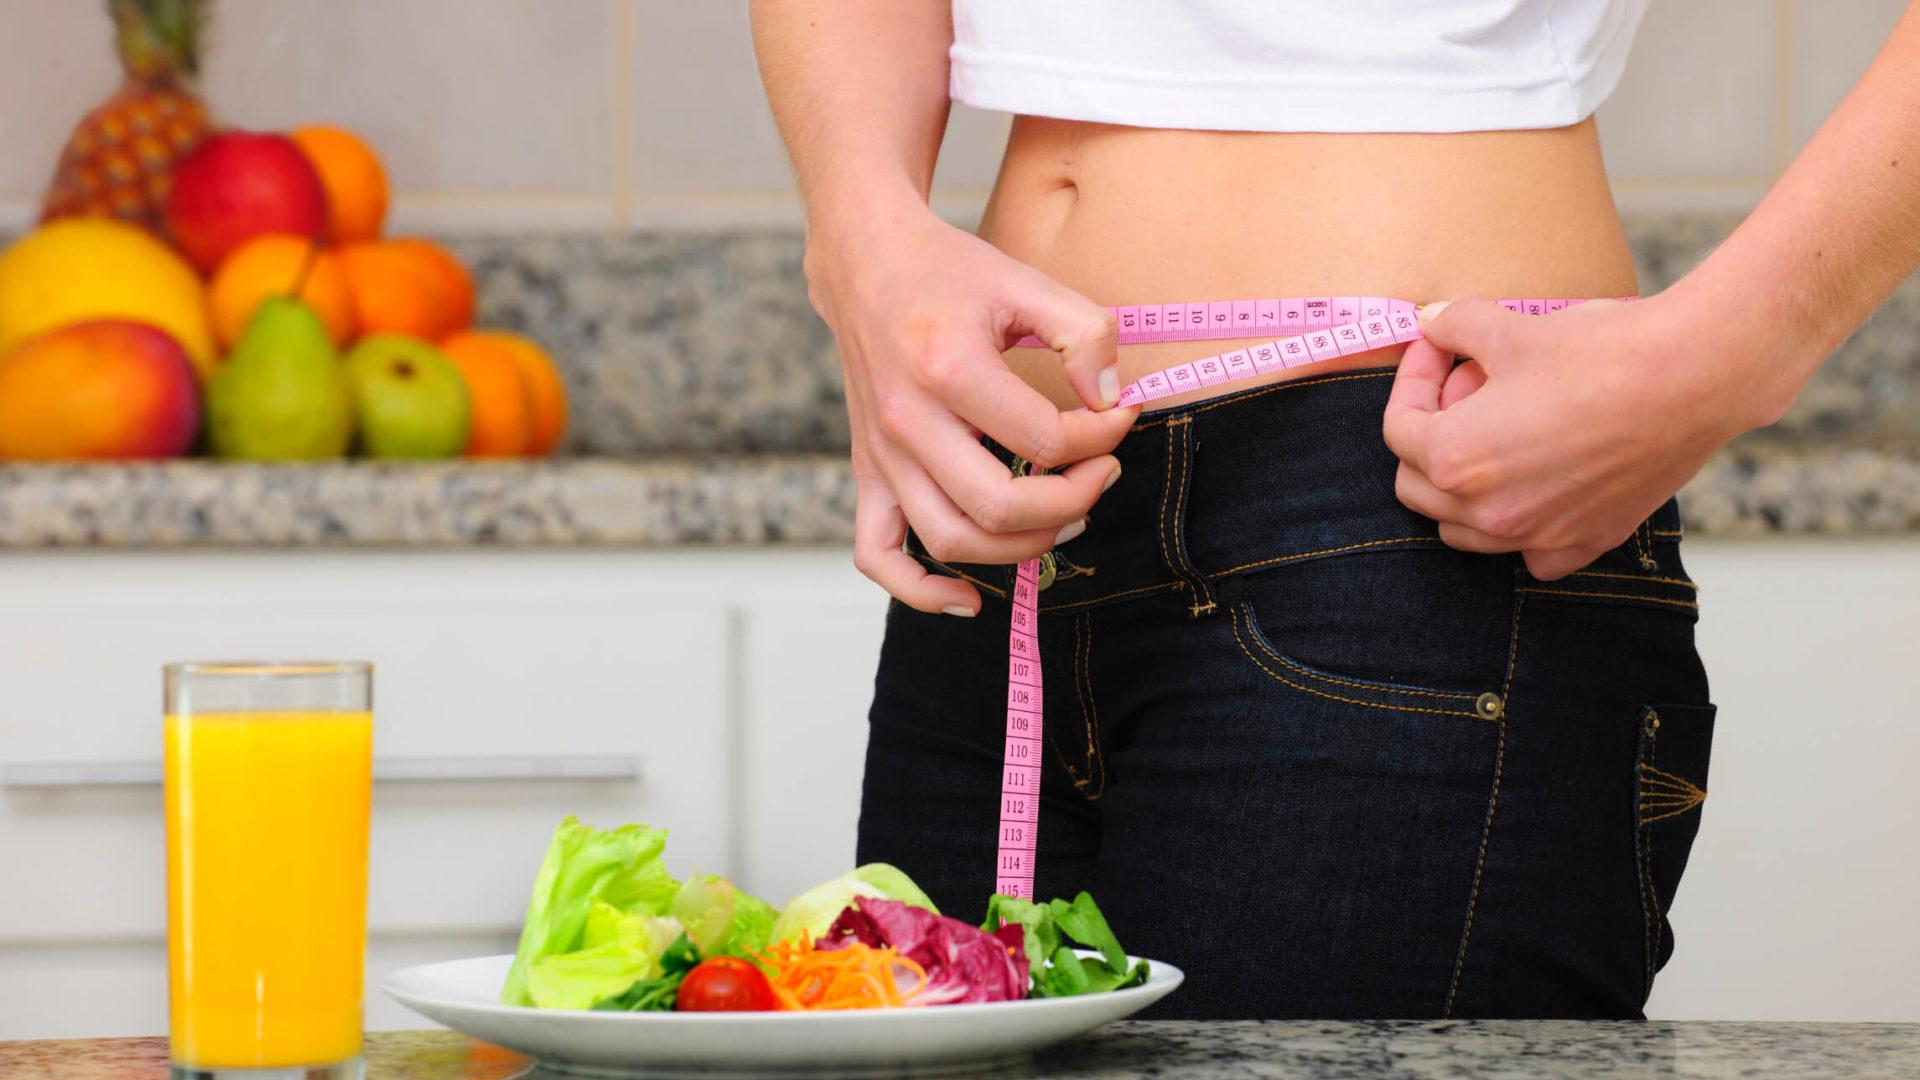 Okiem dietetyka: O czym pamiętać przy odchudzaniu - 12 kluczowych zasad